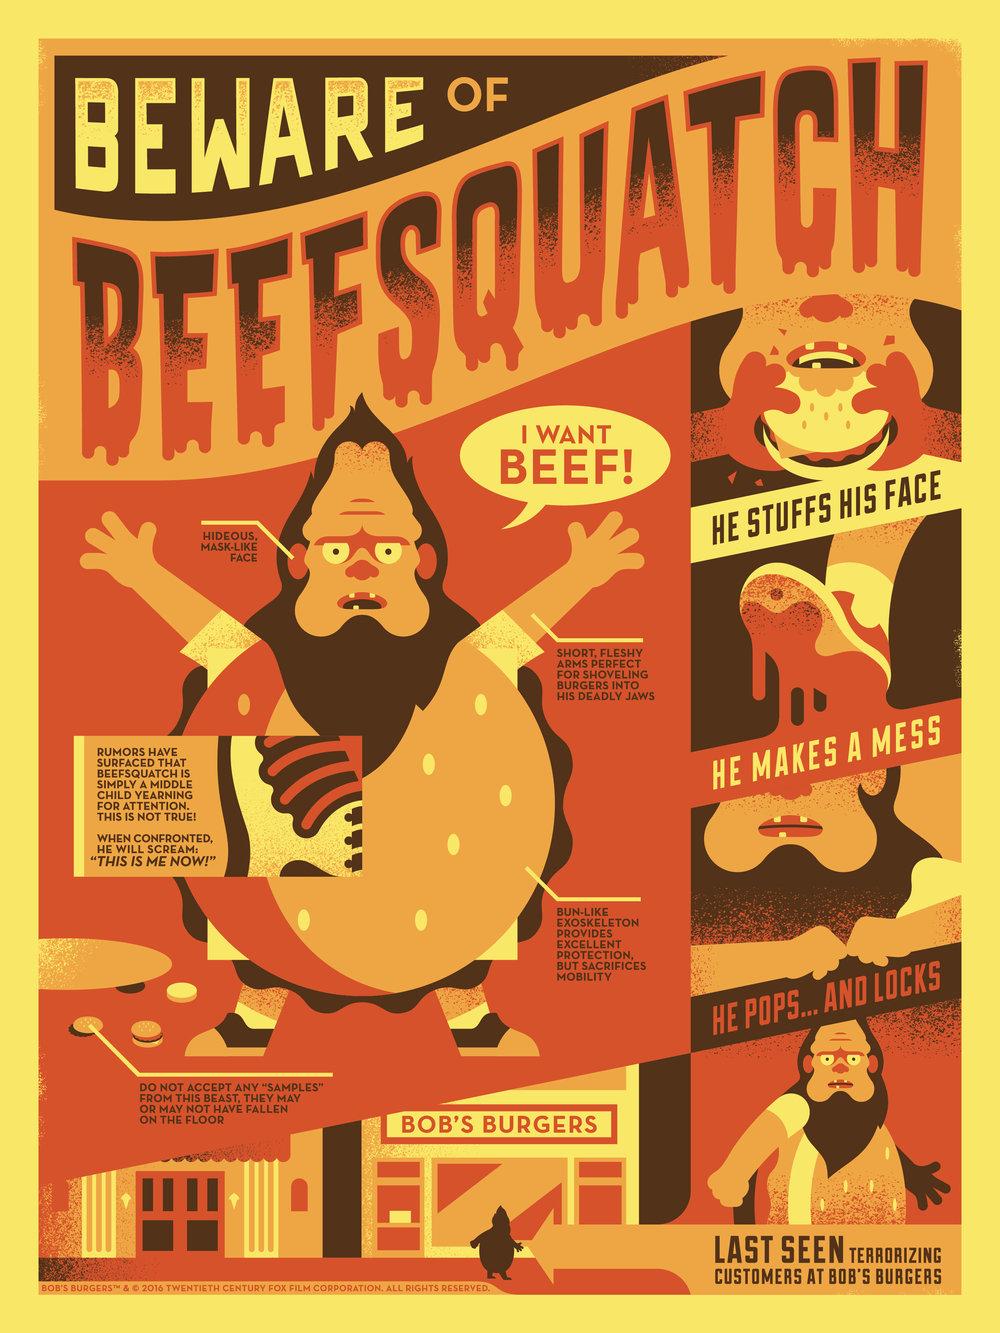 beefsquatch_final-01.jpg